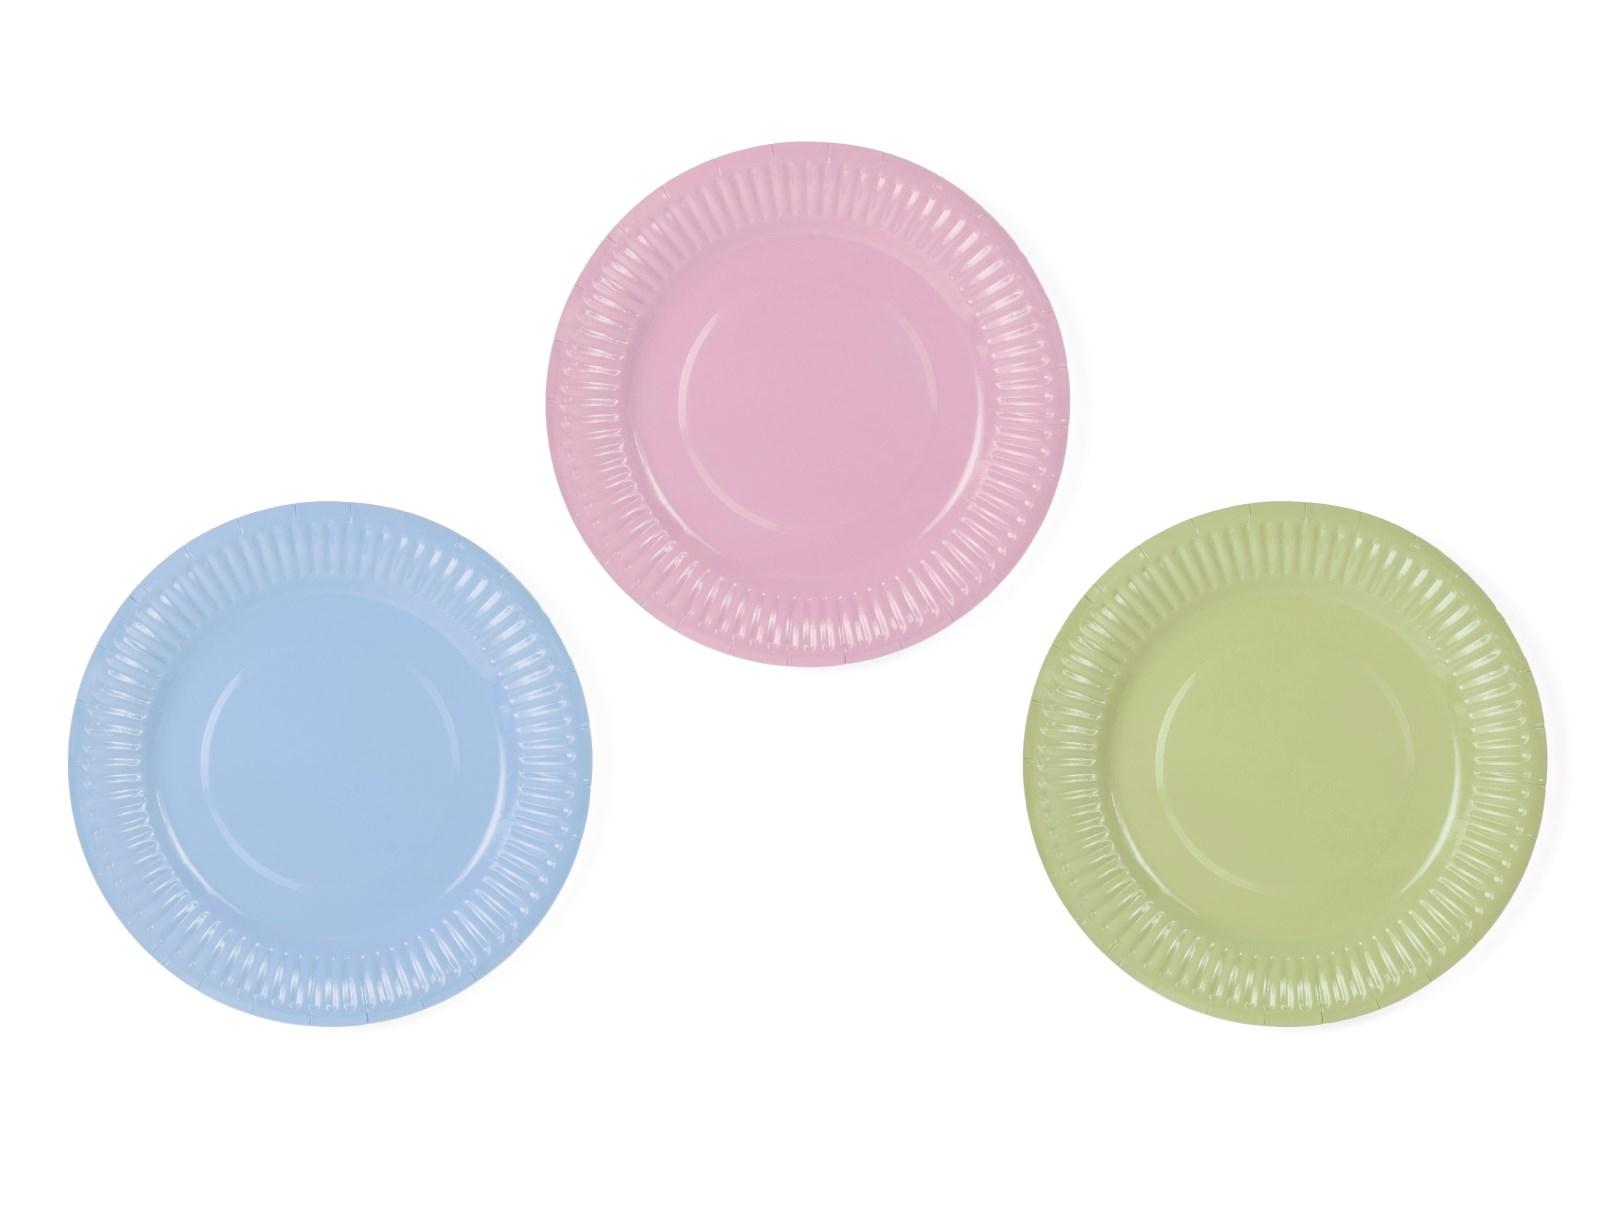 Χάρτιινα Πιάτα Pastelove 18εκ – 6 Τεμάχια